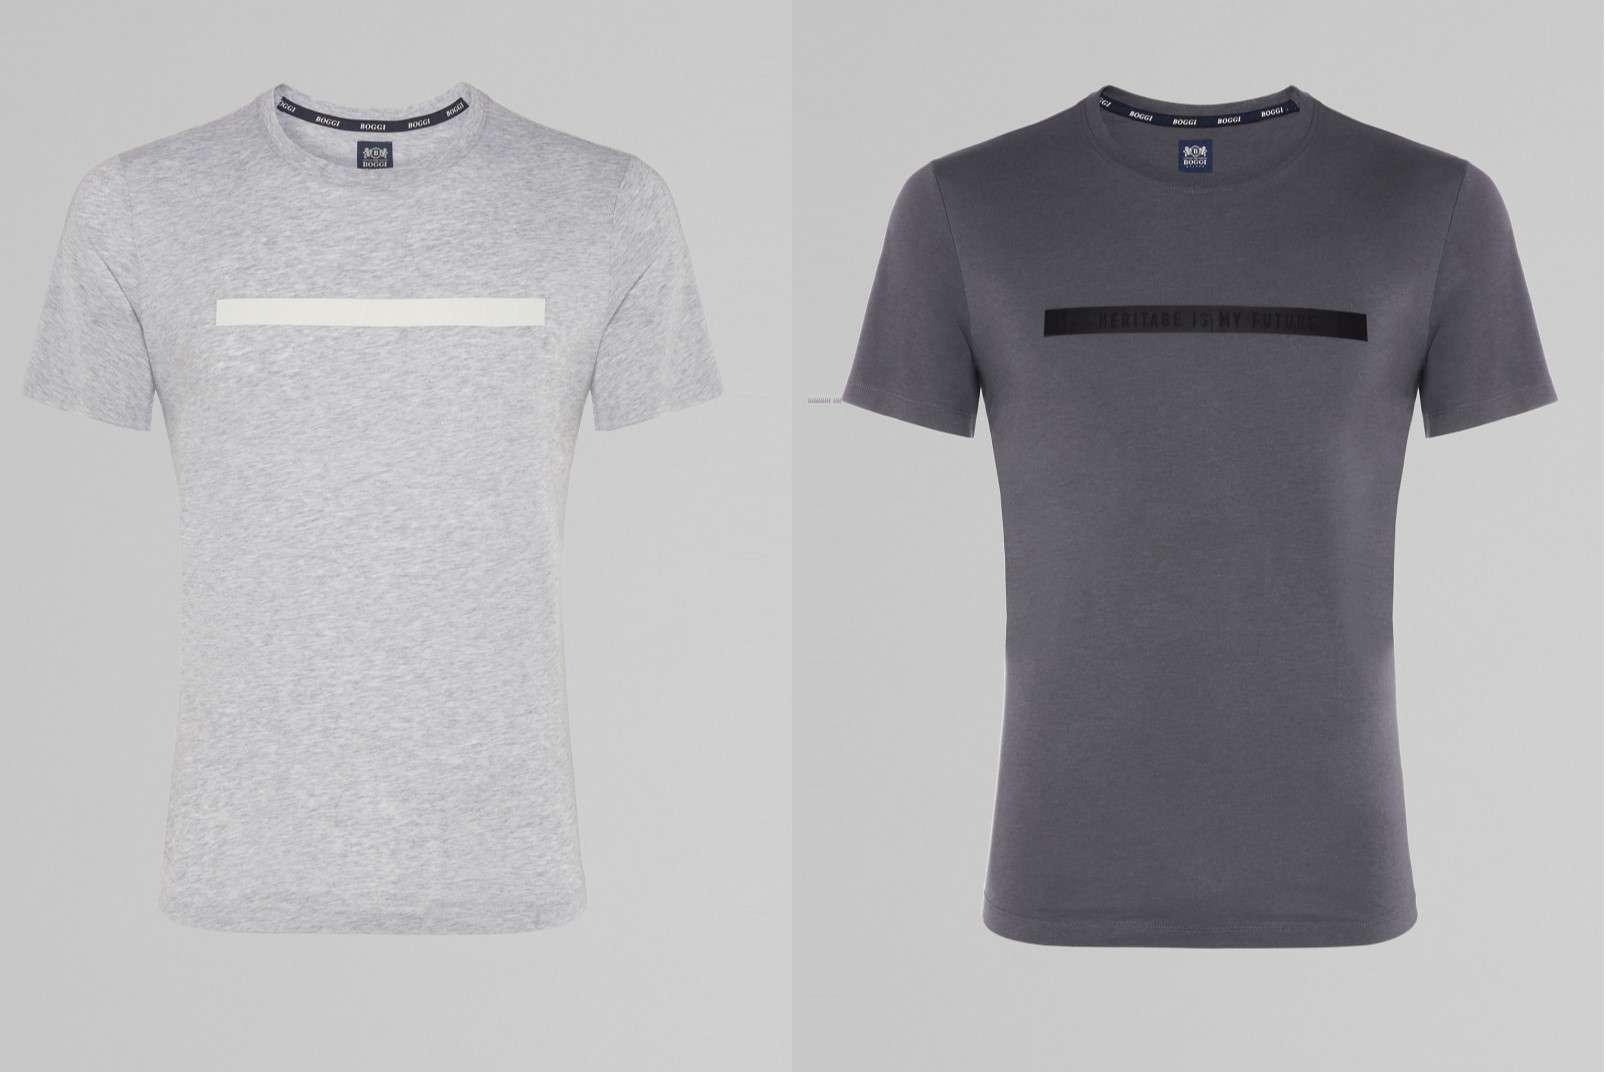 light grey and dark grey tencel t-shirts BO19P001103 BO19P001104